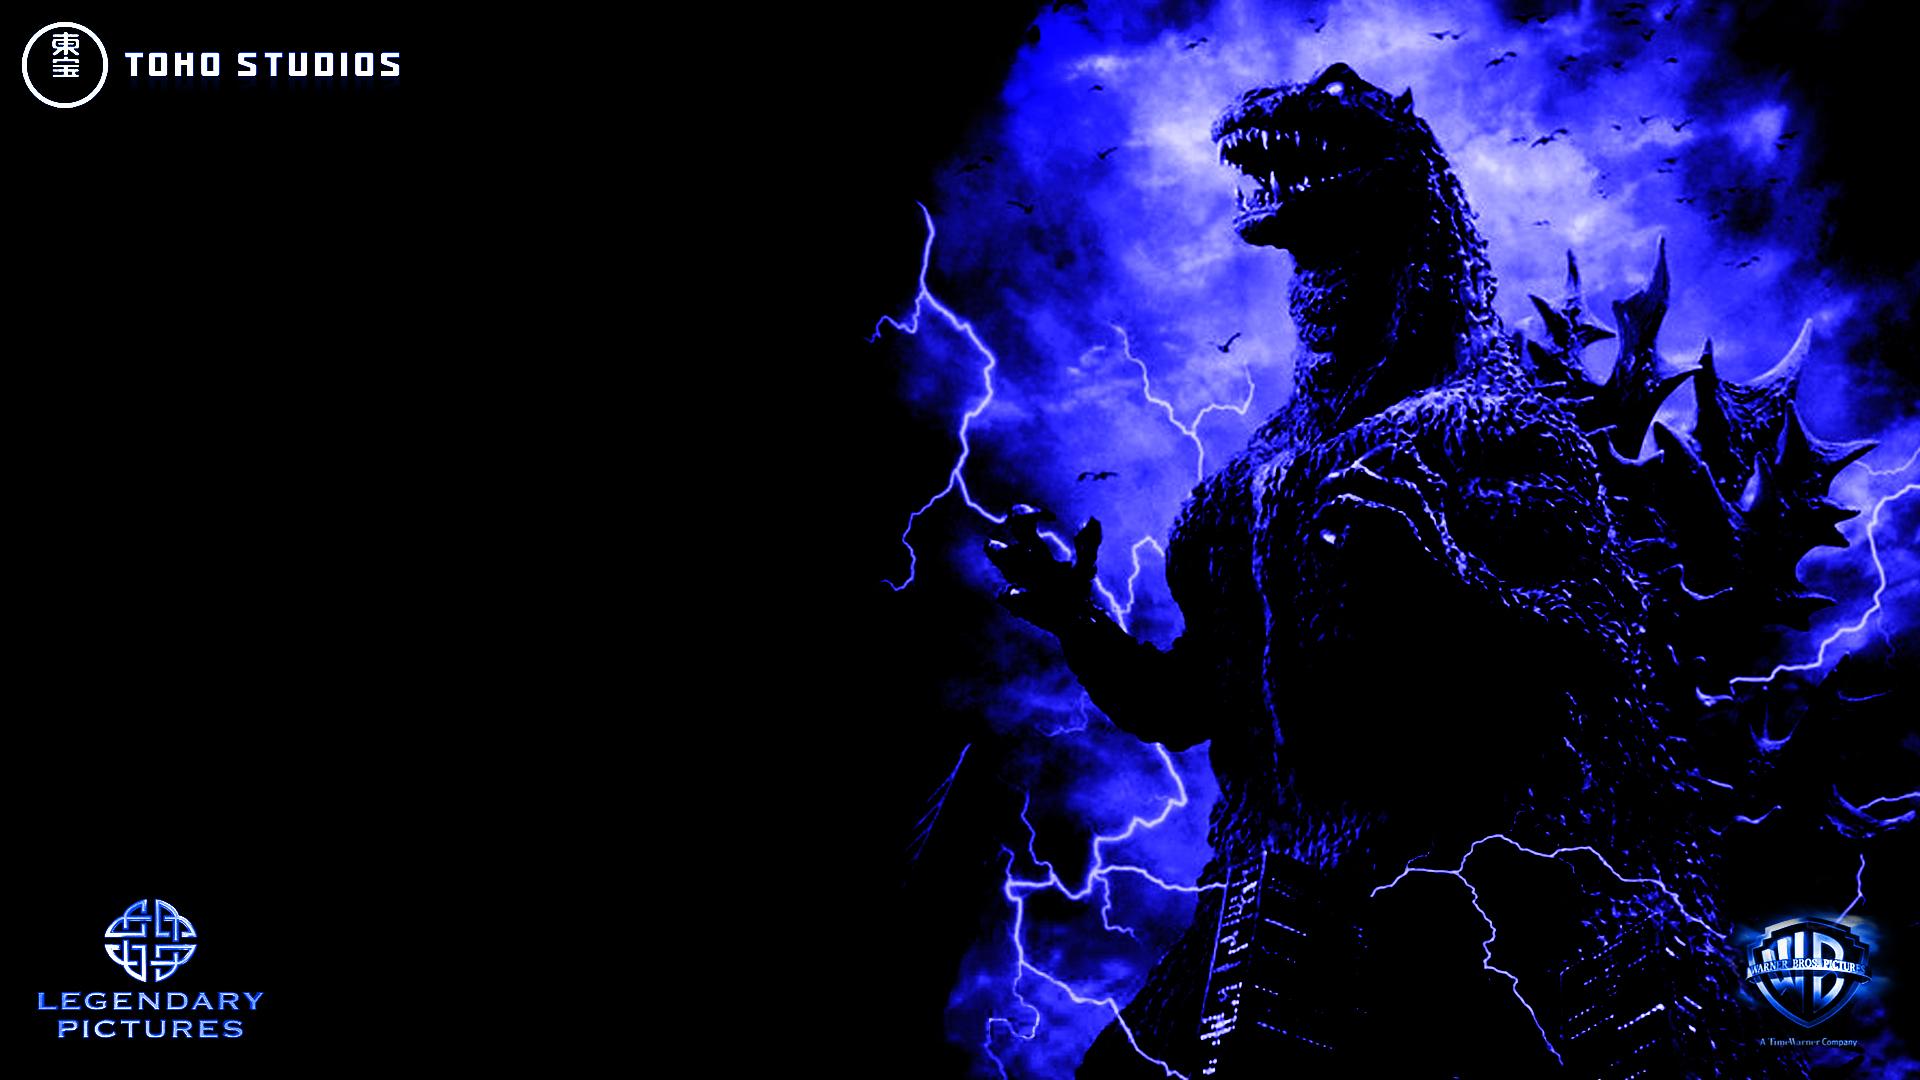 Godzilla wallpaper 13143 1920x1080